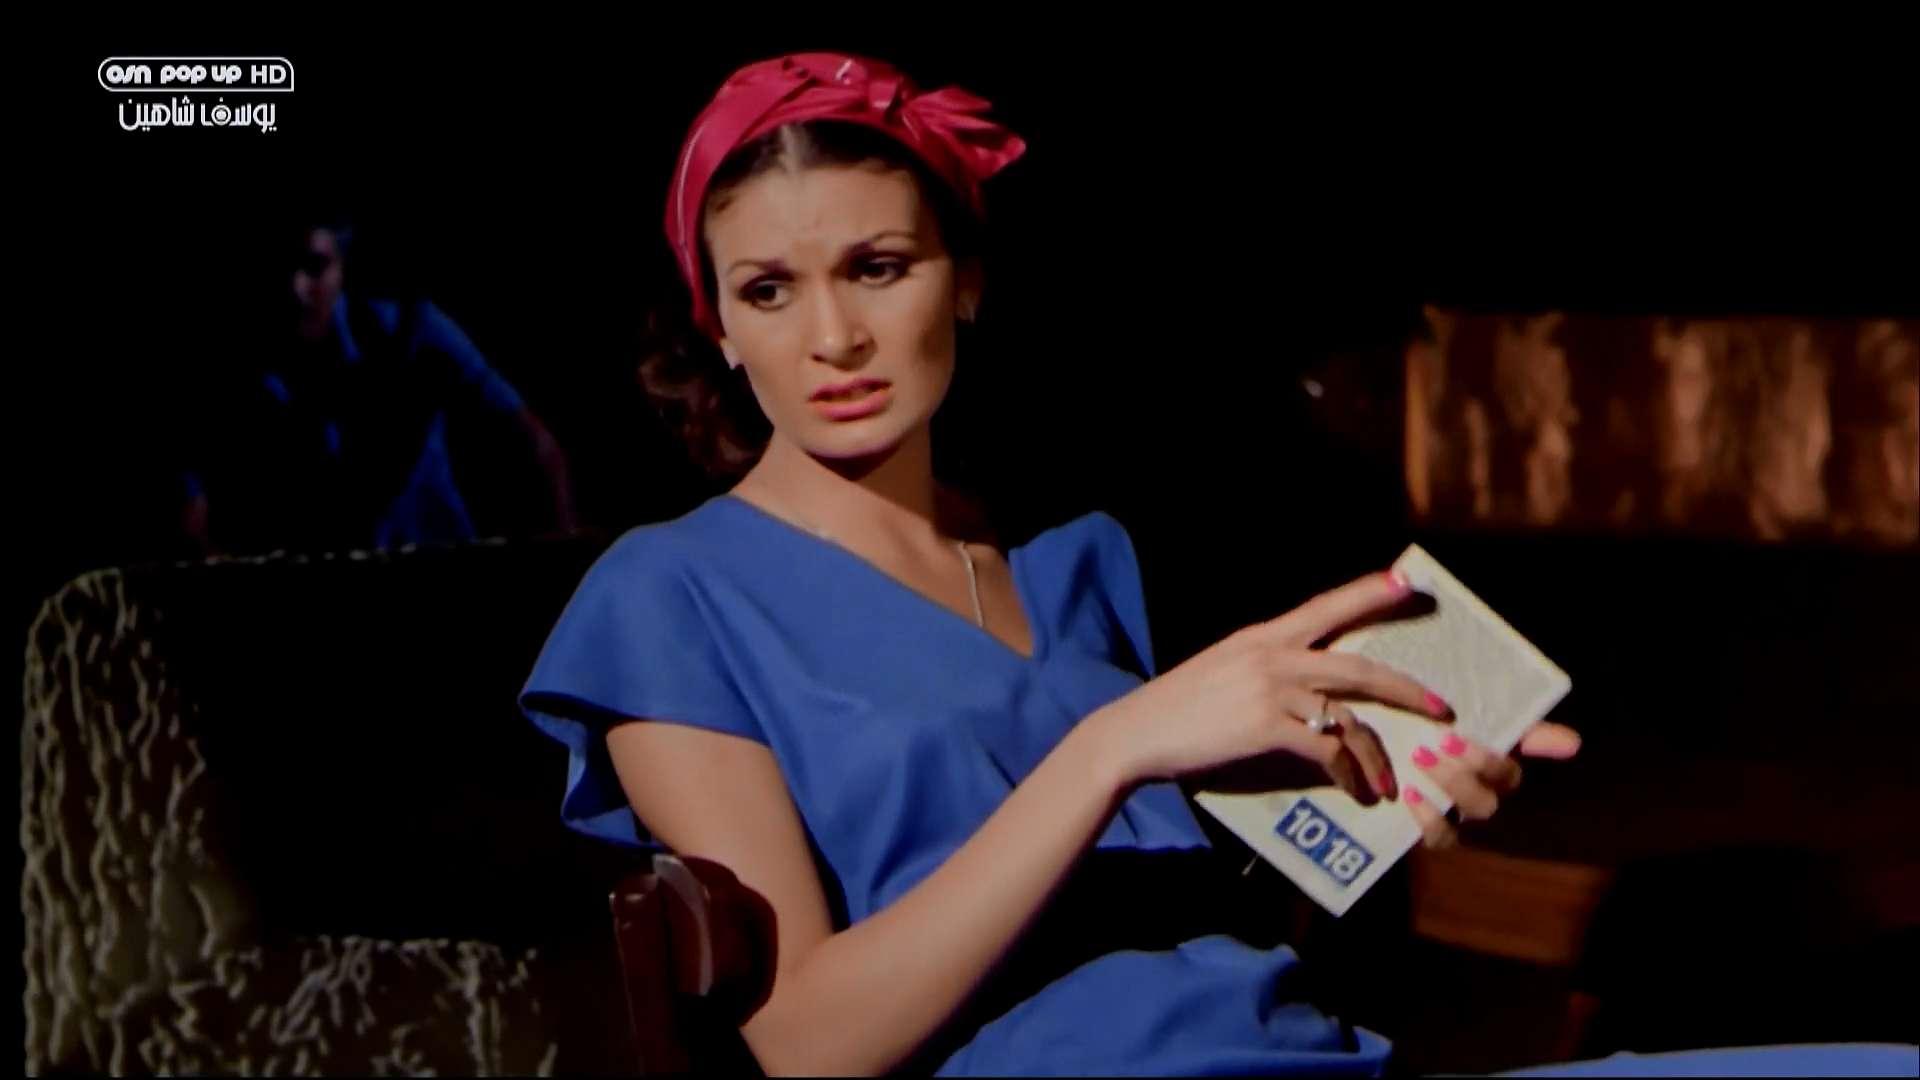 [فيلم][تورنت][تحميل][حدوتة مصرية][1982][1080p][HDTV] 7 arabp2p.com